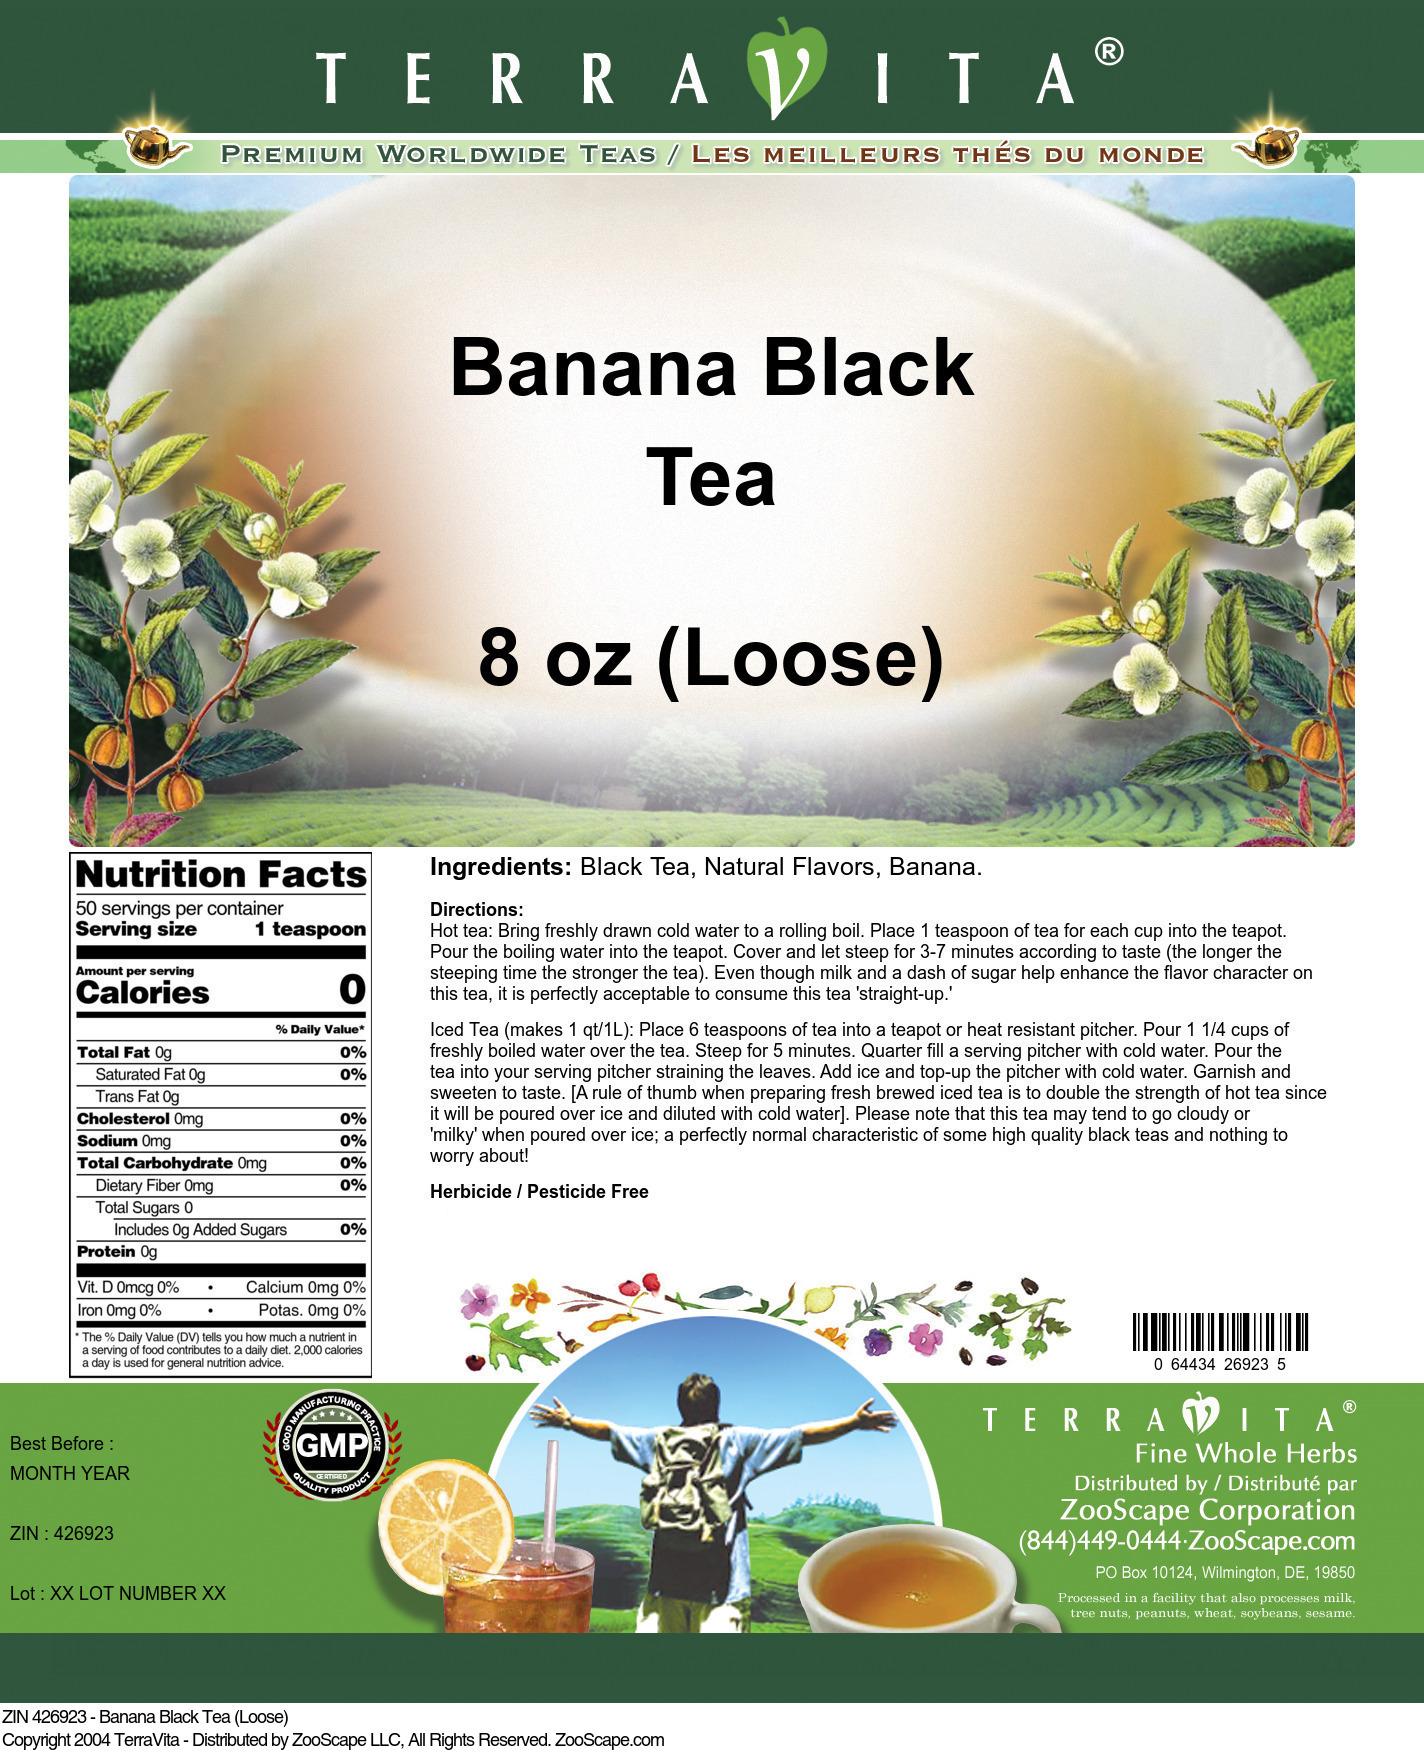 Banana Black Tea (Loose)